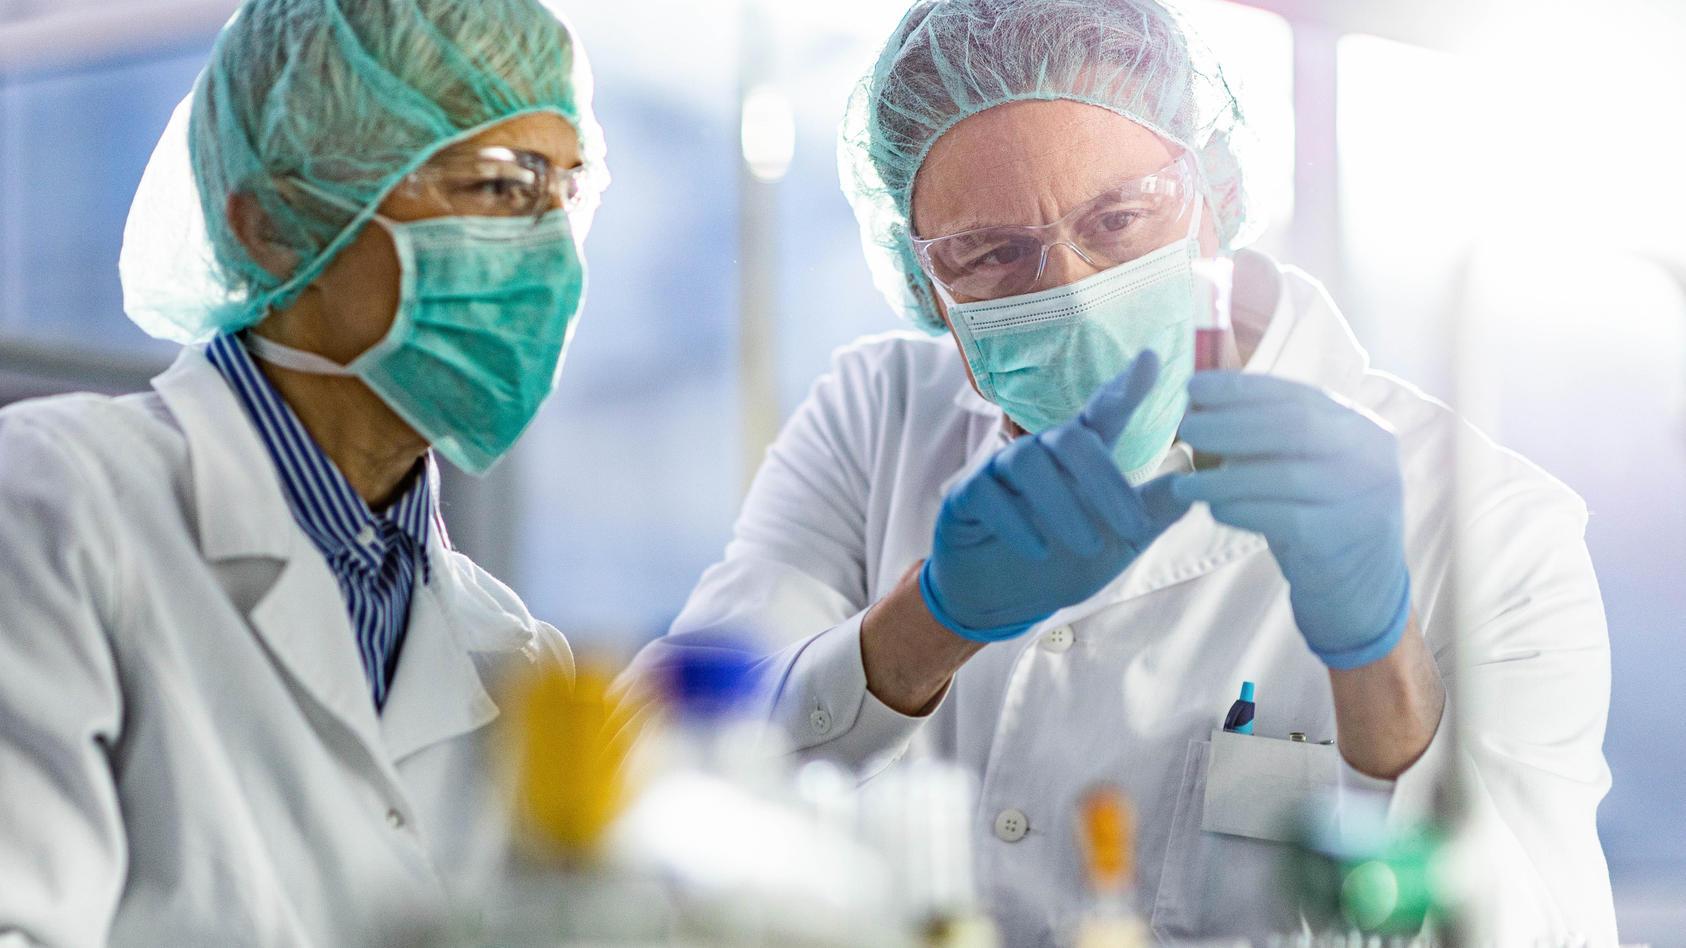 Die Wissenschaft forscht seit Ausbruch des Coronavirus ständig weiter. Im Laufe der Zeit haben sich da auch einige Vermutungen als falsch herausgestellt. (Symbolbild)